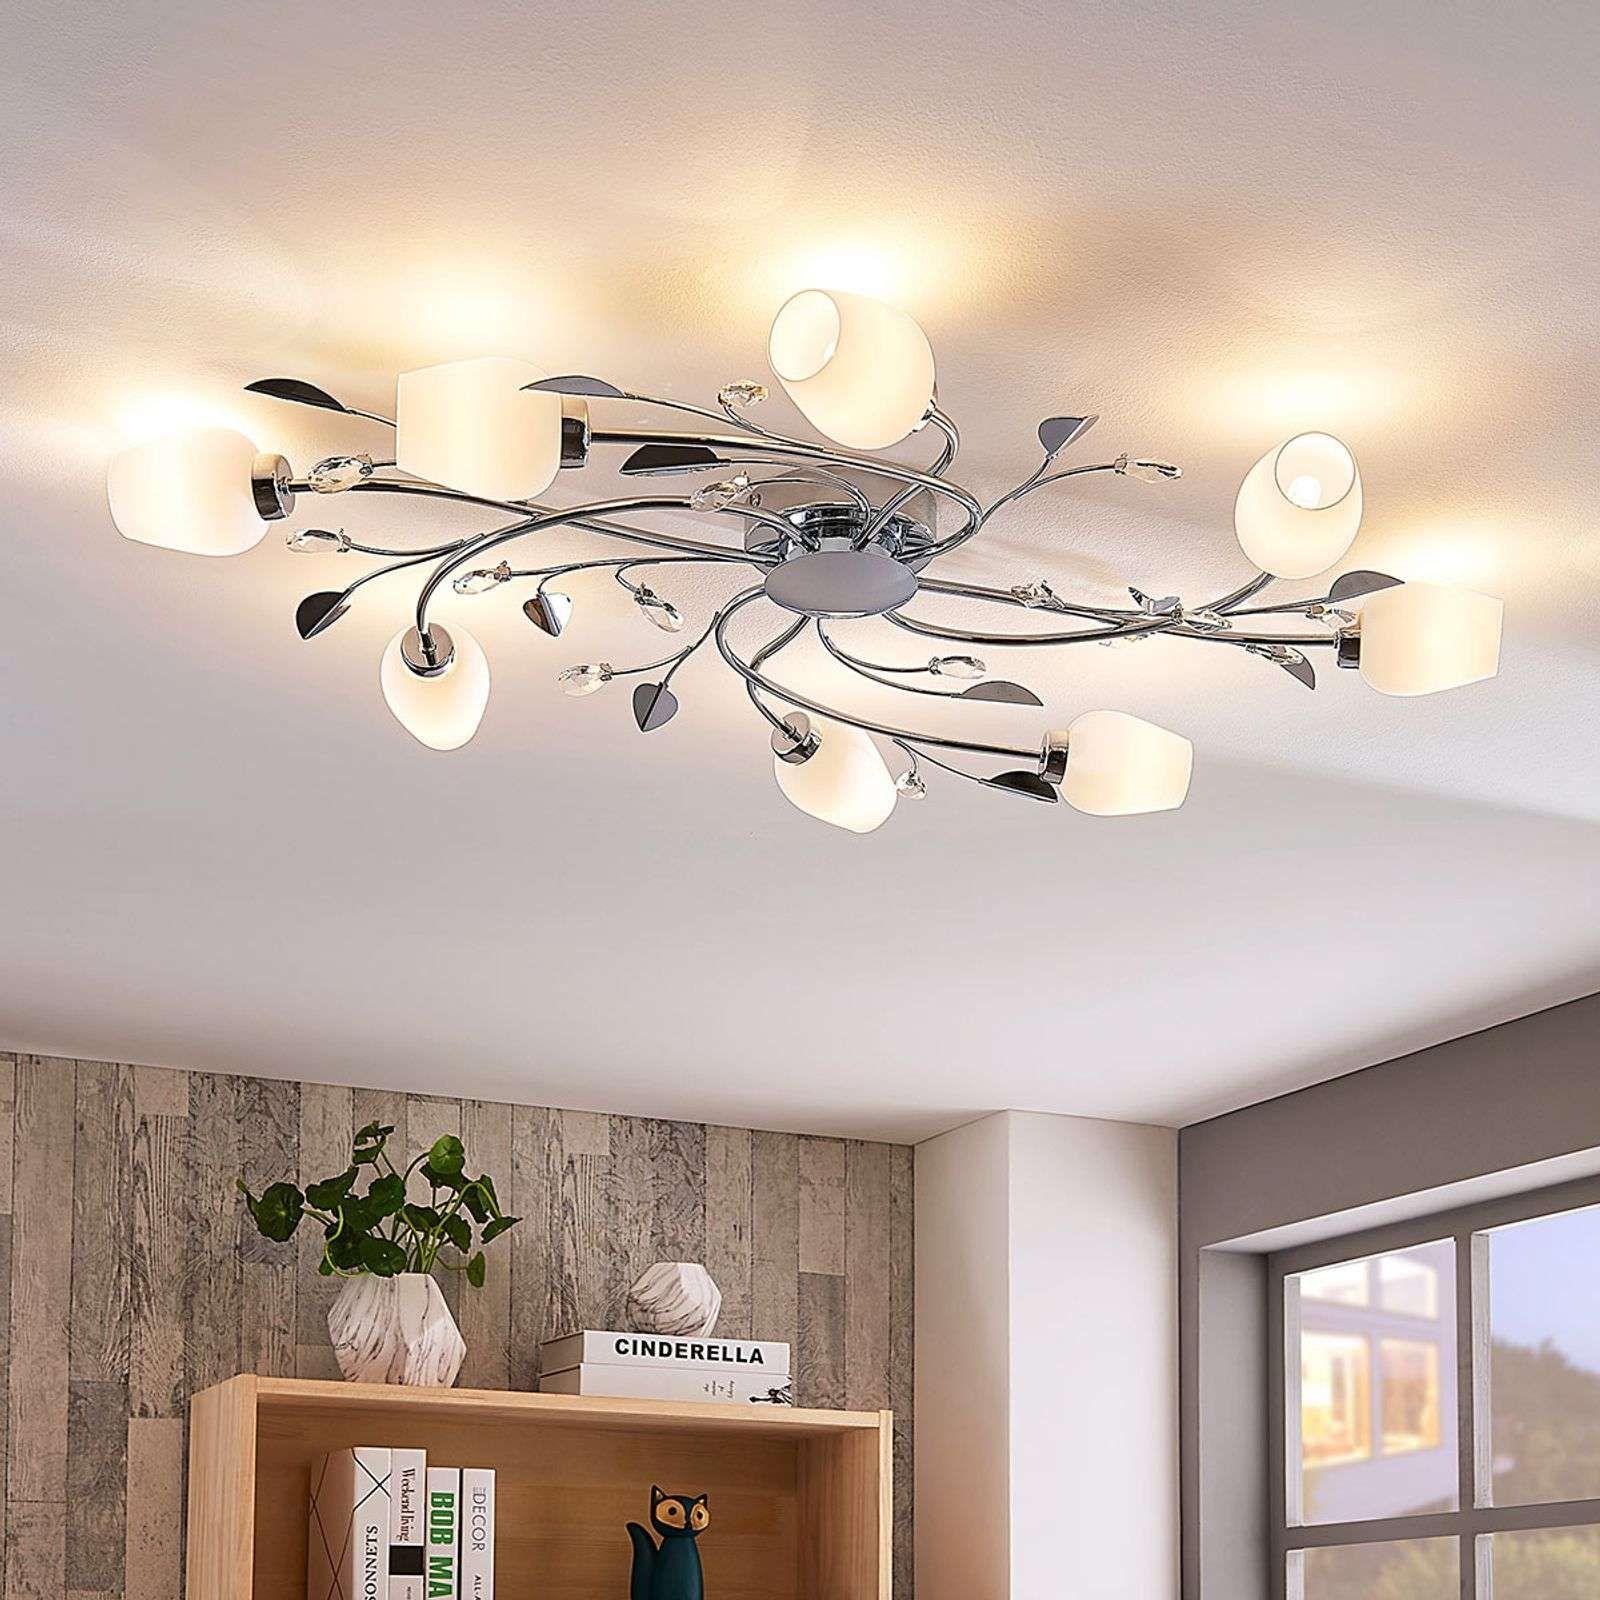 Deckenleuchte Wohnzimmer Design Deckenleuchte Led